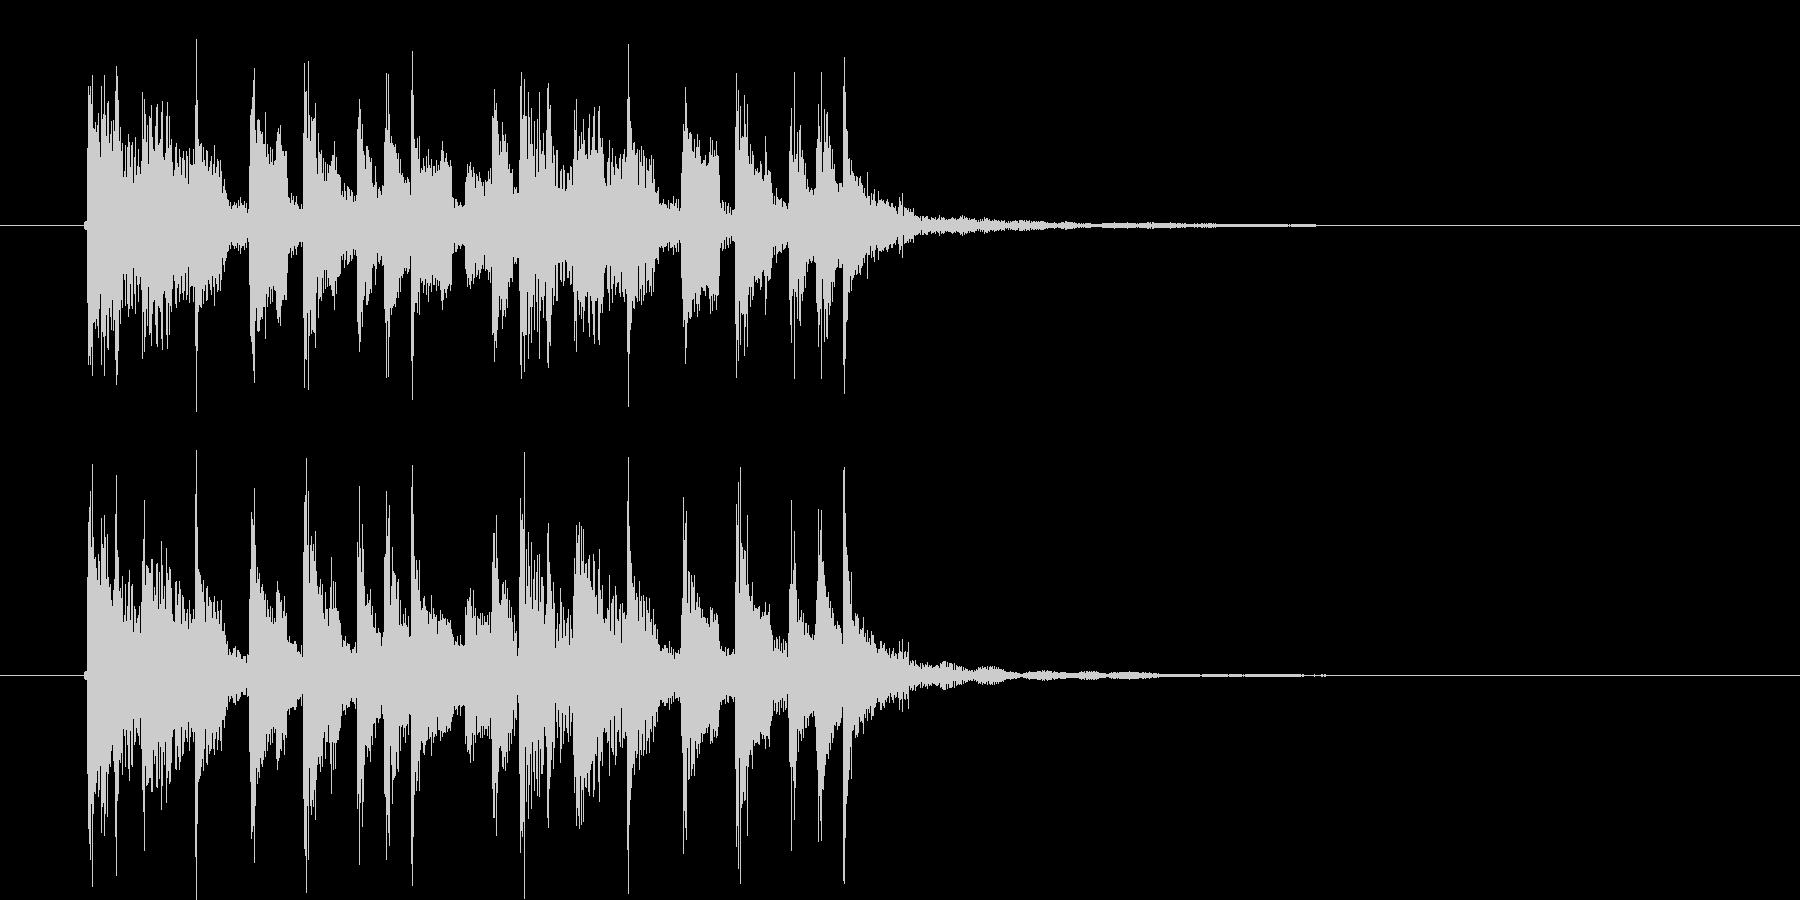 リズミカルで流暢なシンセジングルの未再生の波形